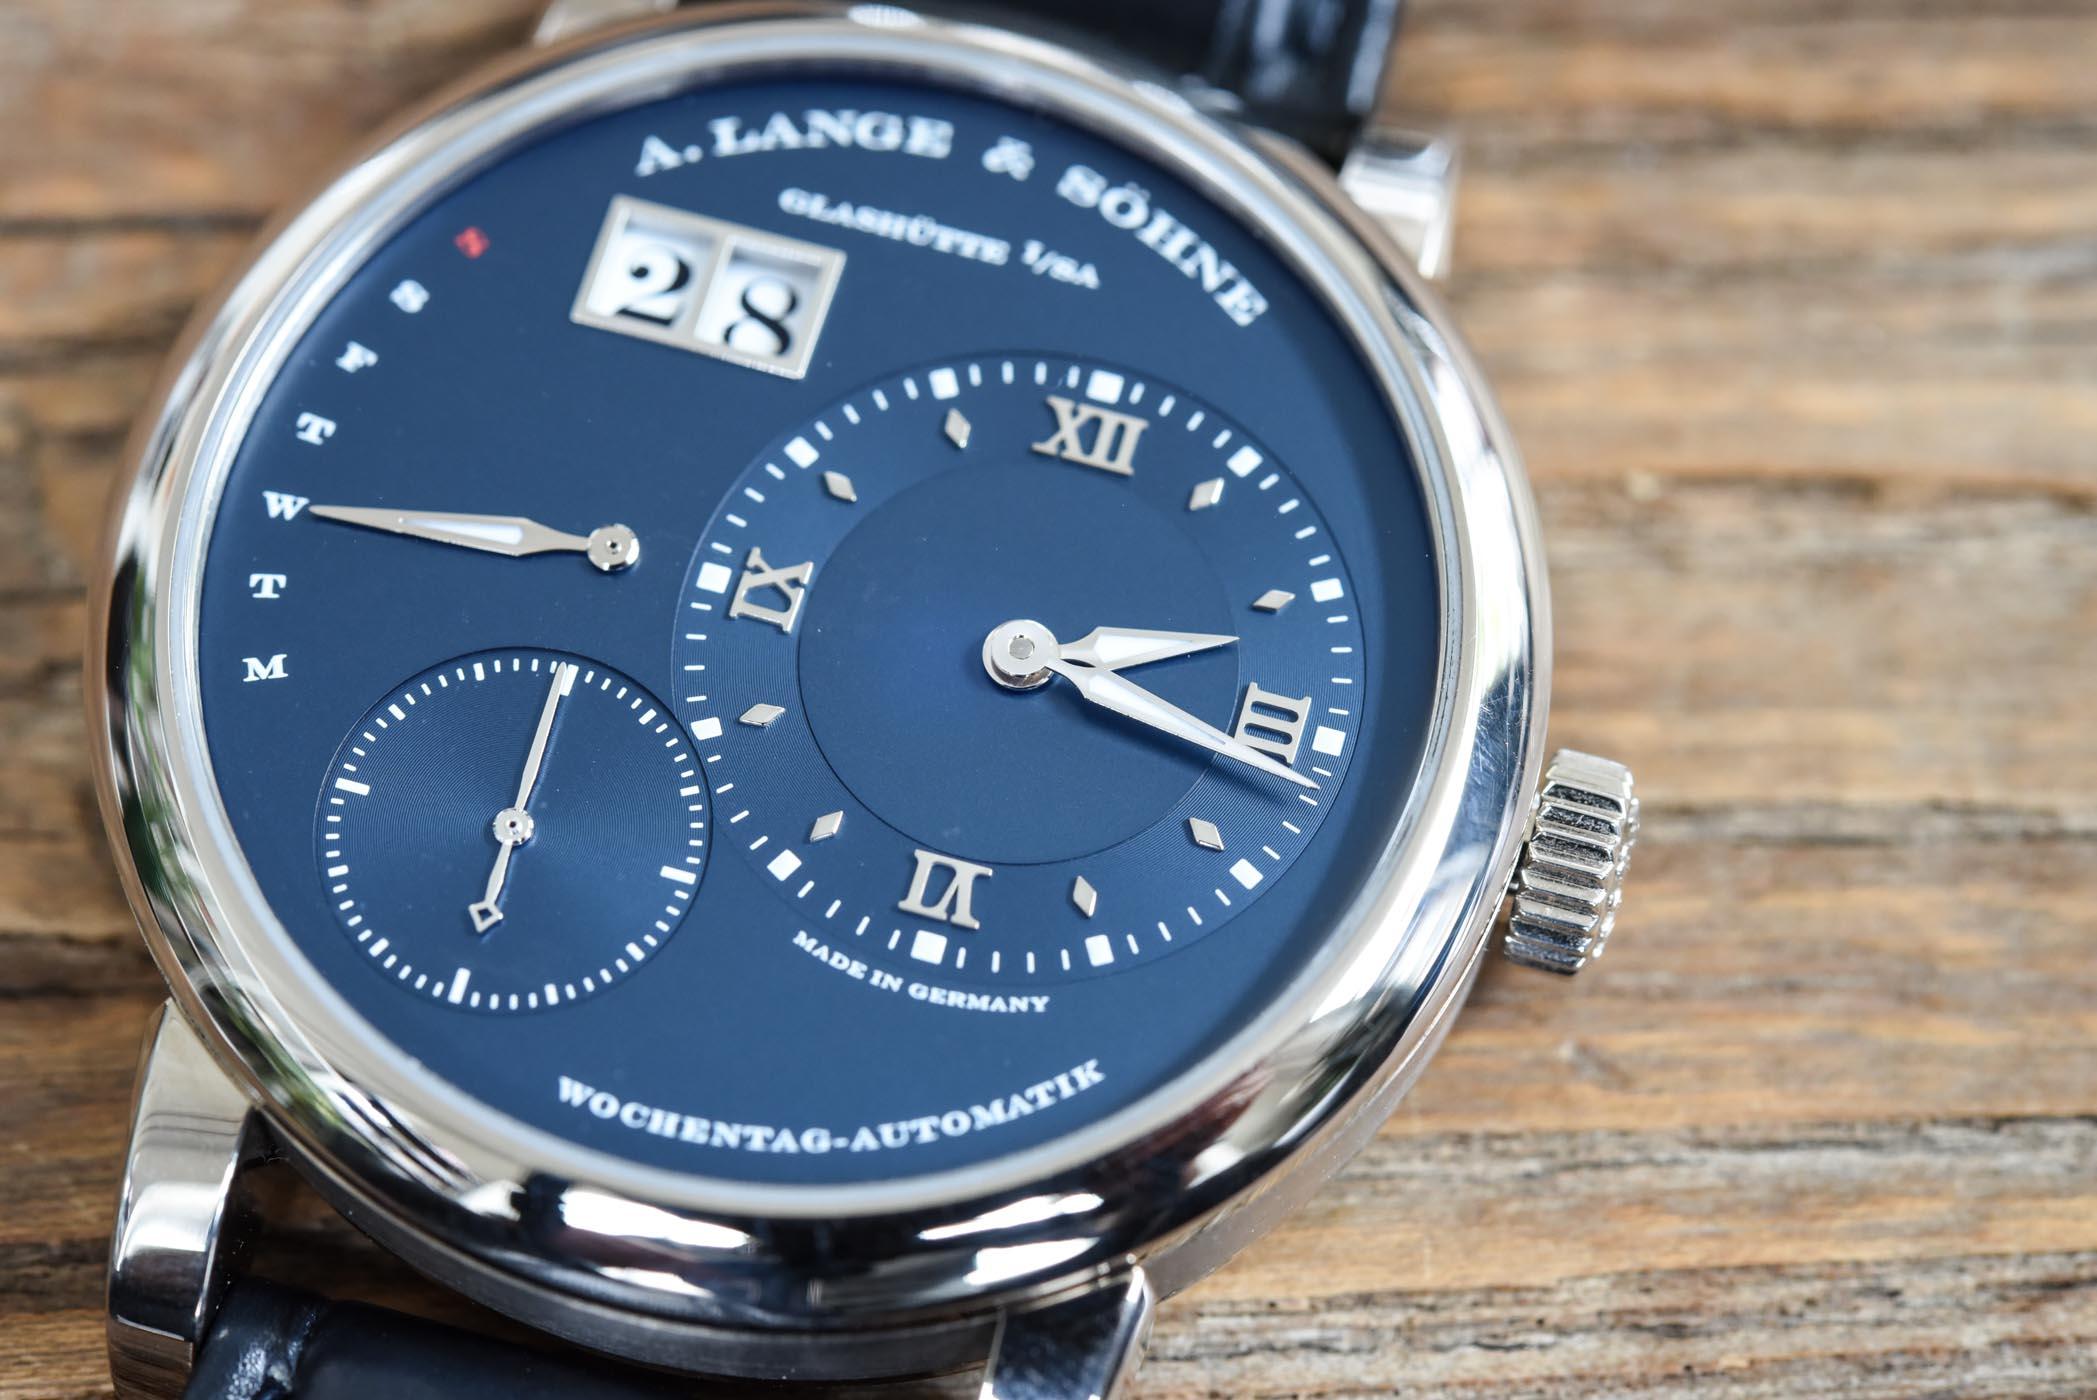 Lange Soehne Lange 1 Daymatic-2945